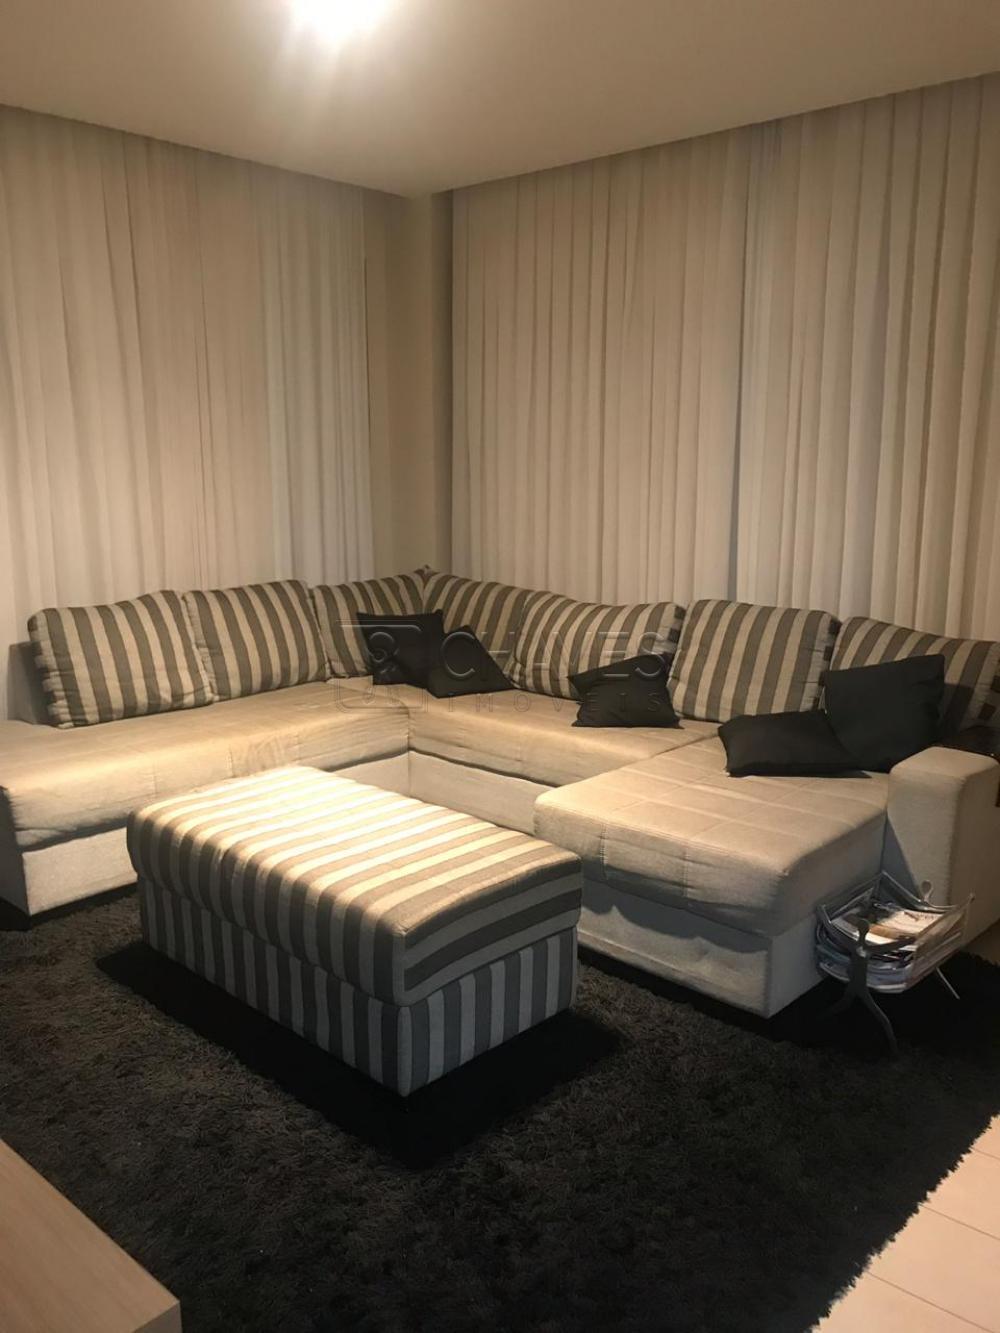 Comprar Apartamento / Padrão em Ribeirão Preto apenas R$ 1.200.000,00 - Foto 8